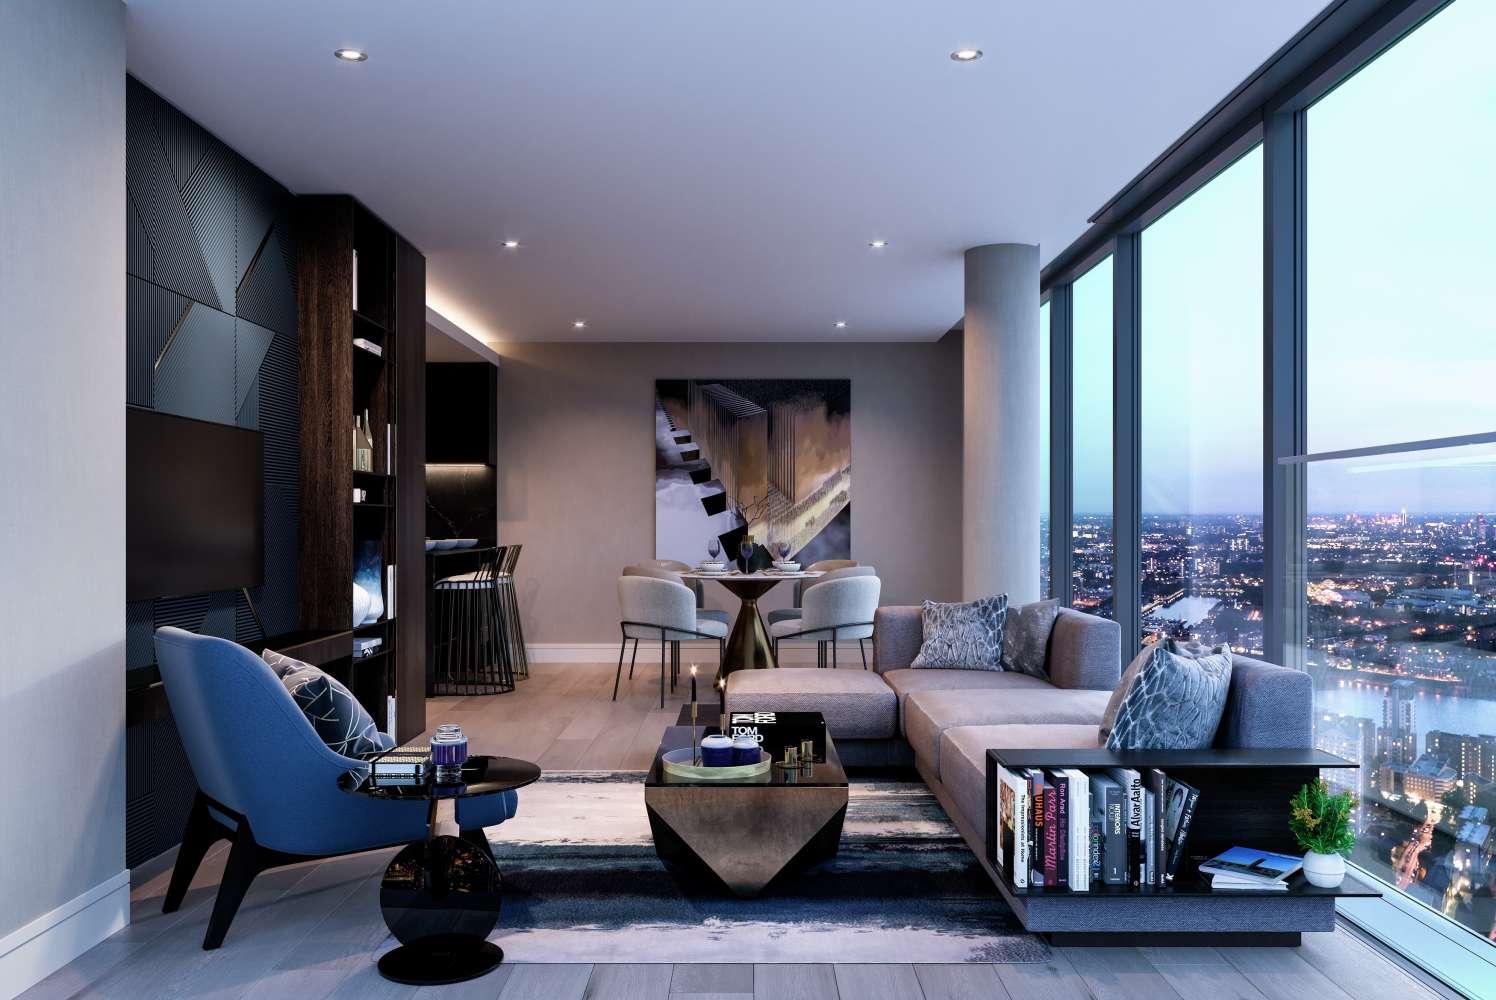 Development London, E14 - South Quay Plaza - 180920